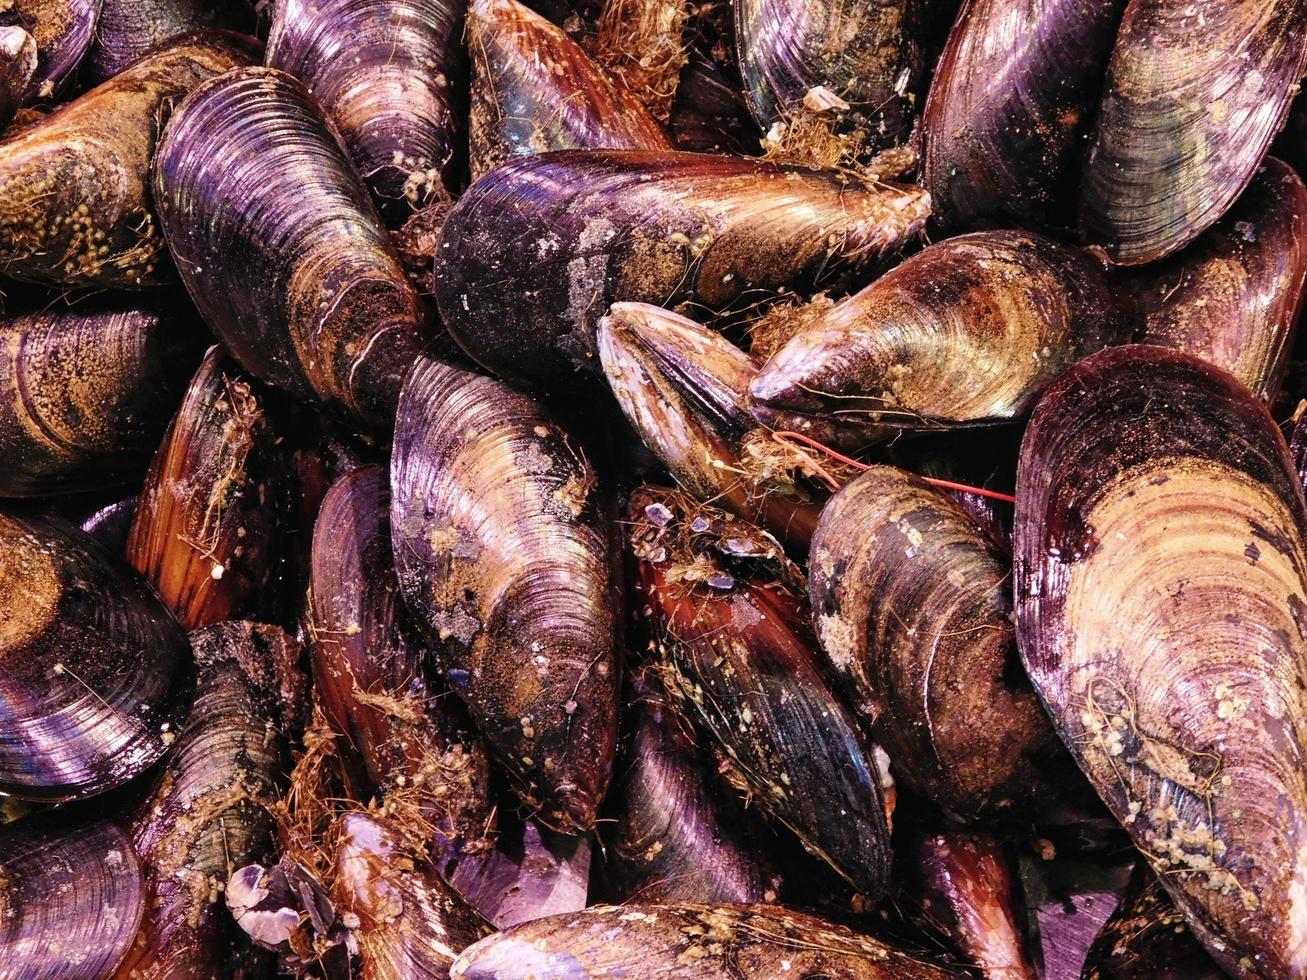 Haufen Muscheln oder Muscheln foto